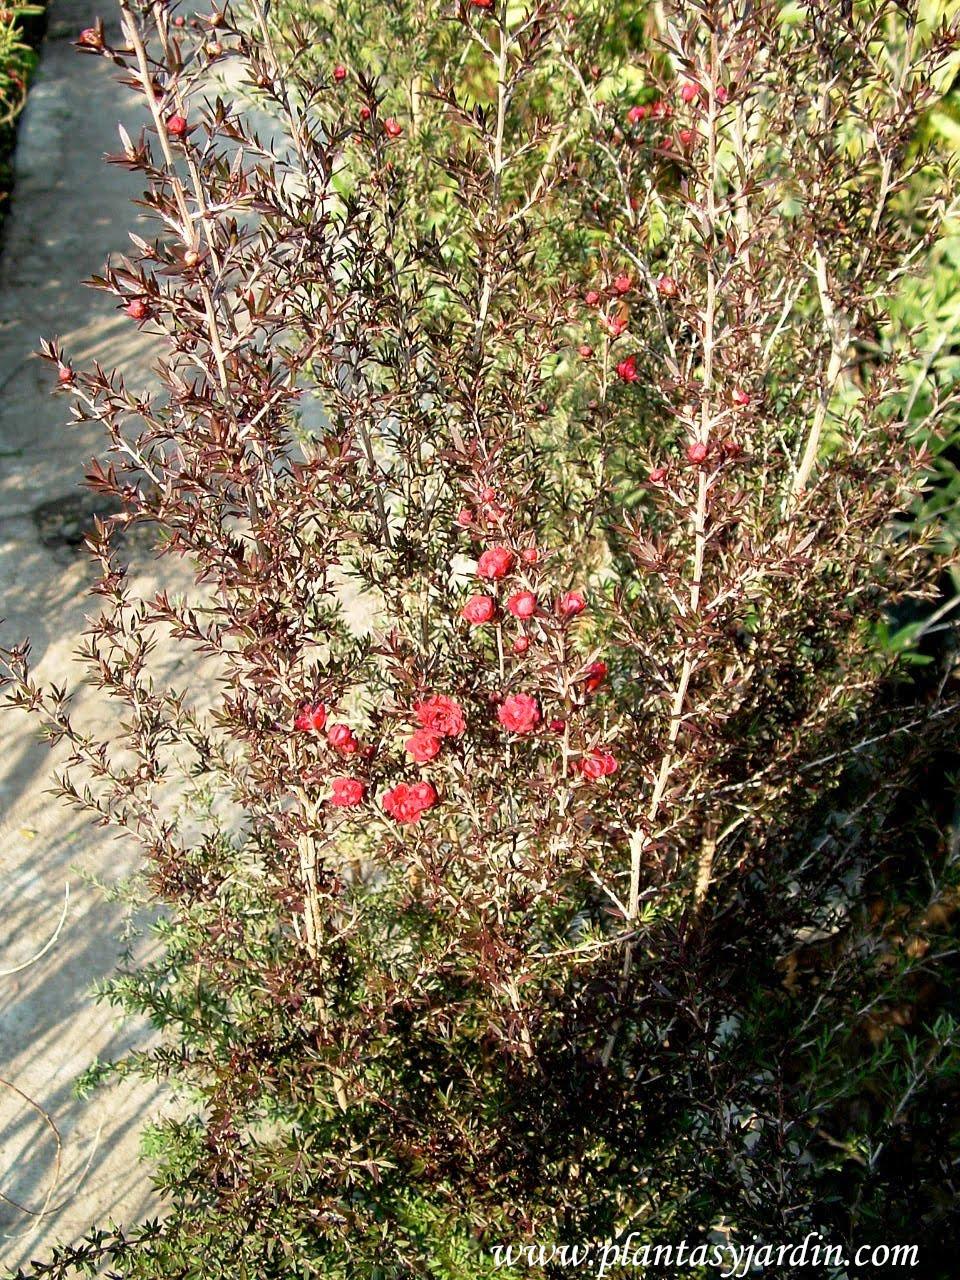 Arbustos con flores rojas plantas jard n for Arbustos con flores para jardin